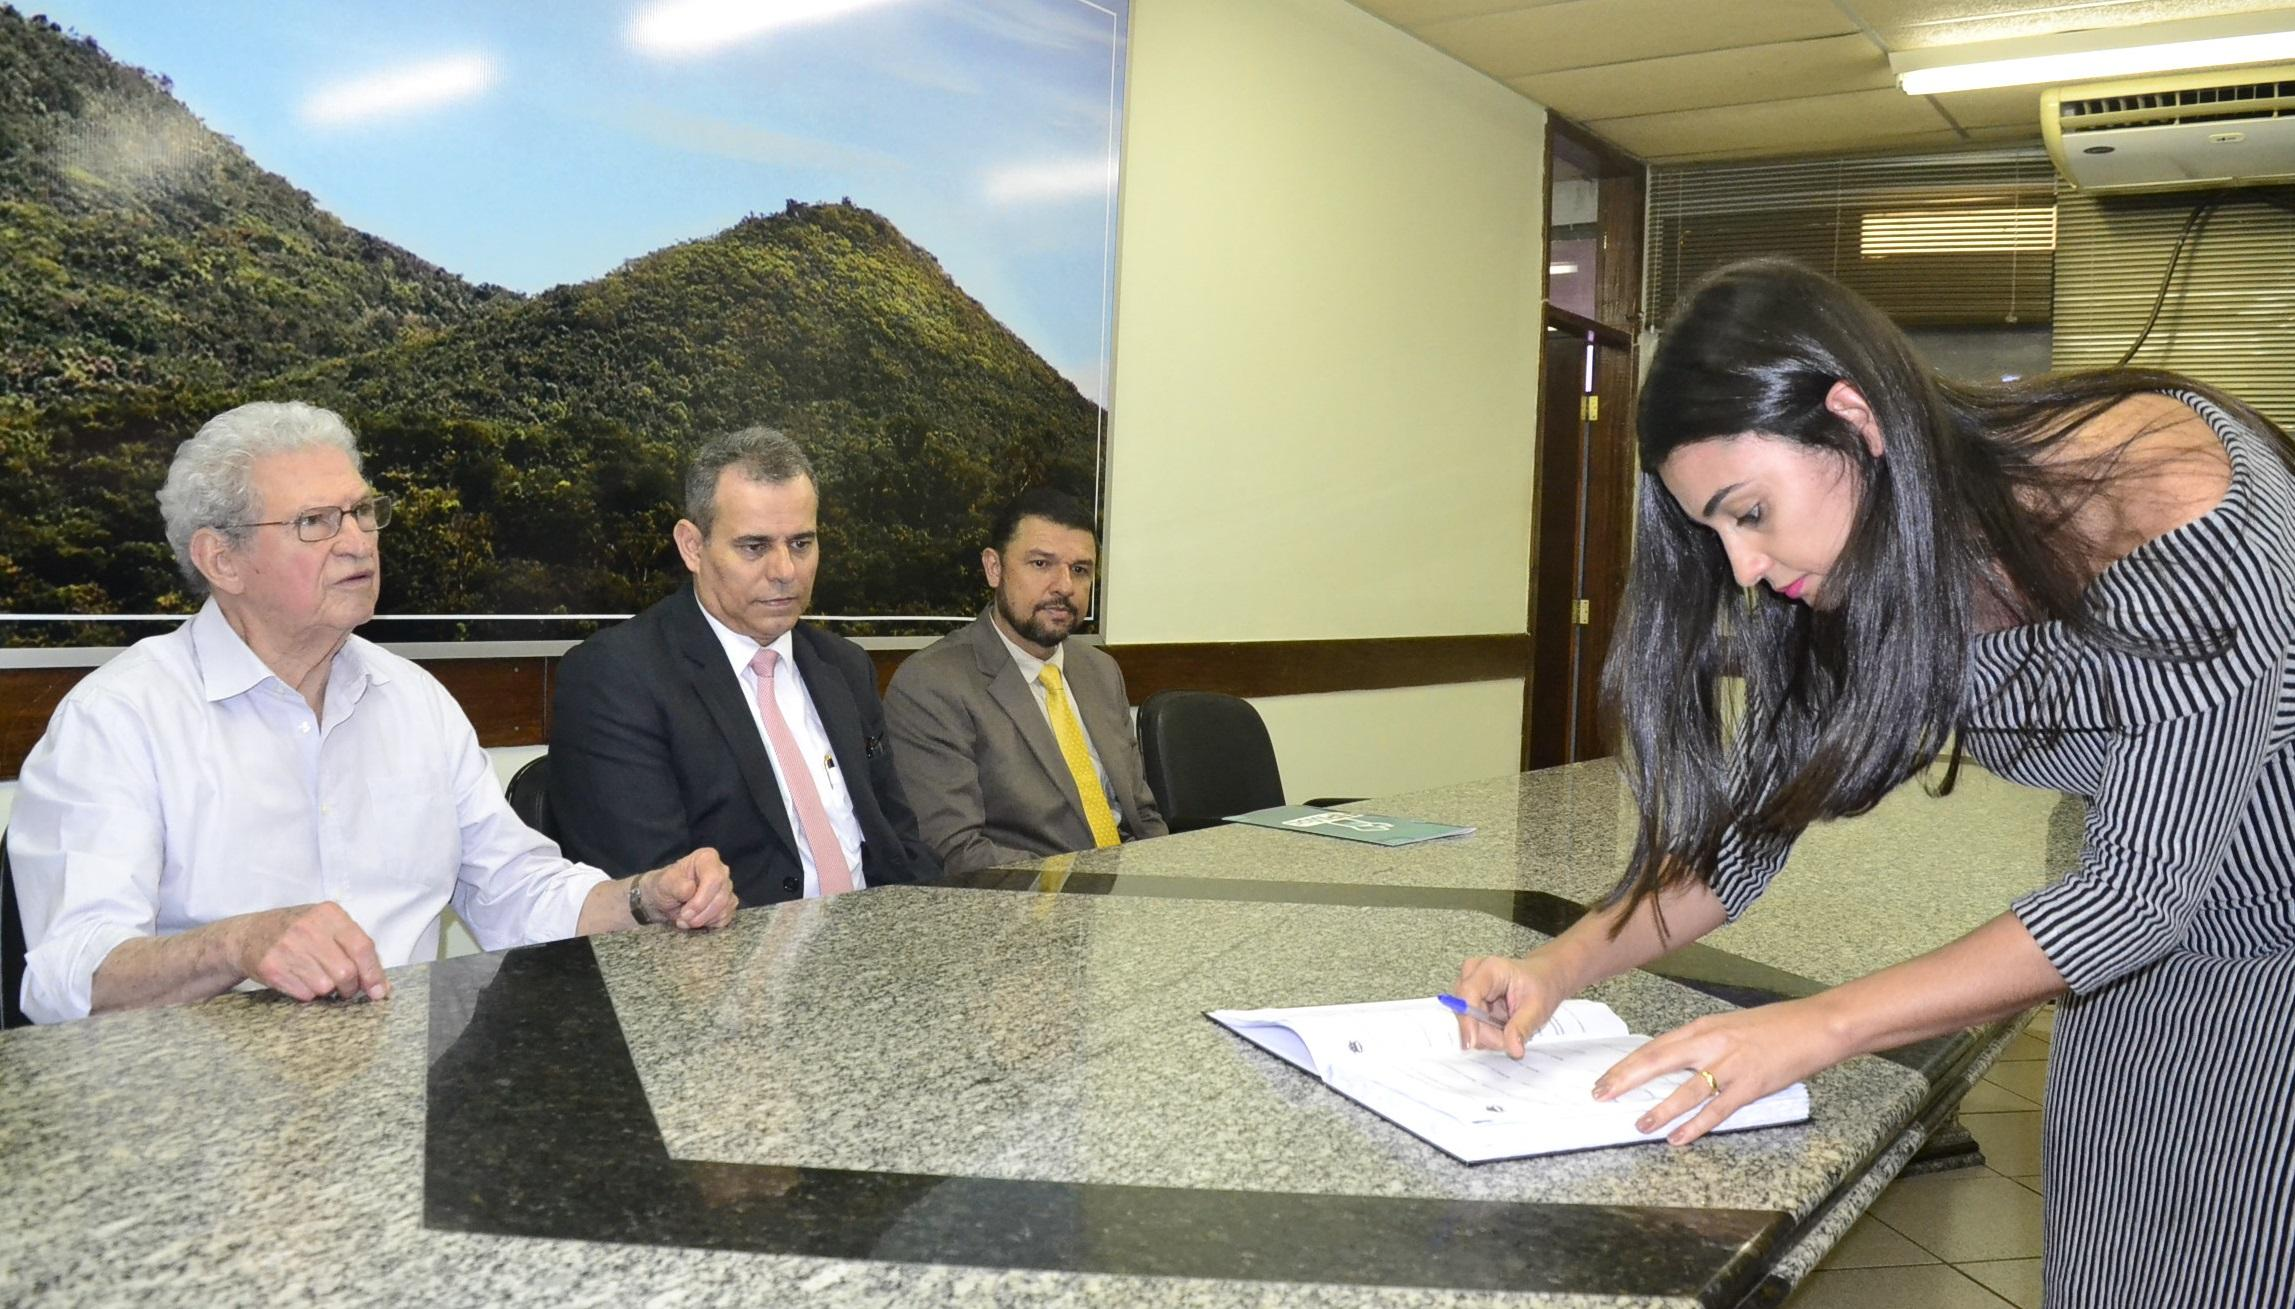 Imagem de destaque Prefeitura dá posse aos novos membros do Conselho Municipal de Contribuintes